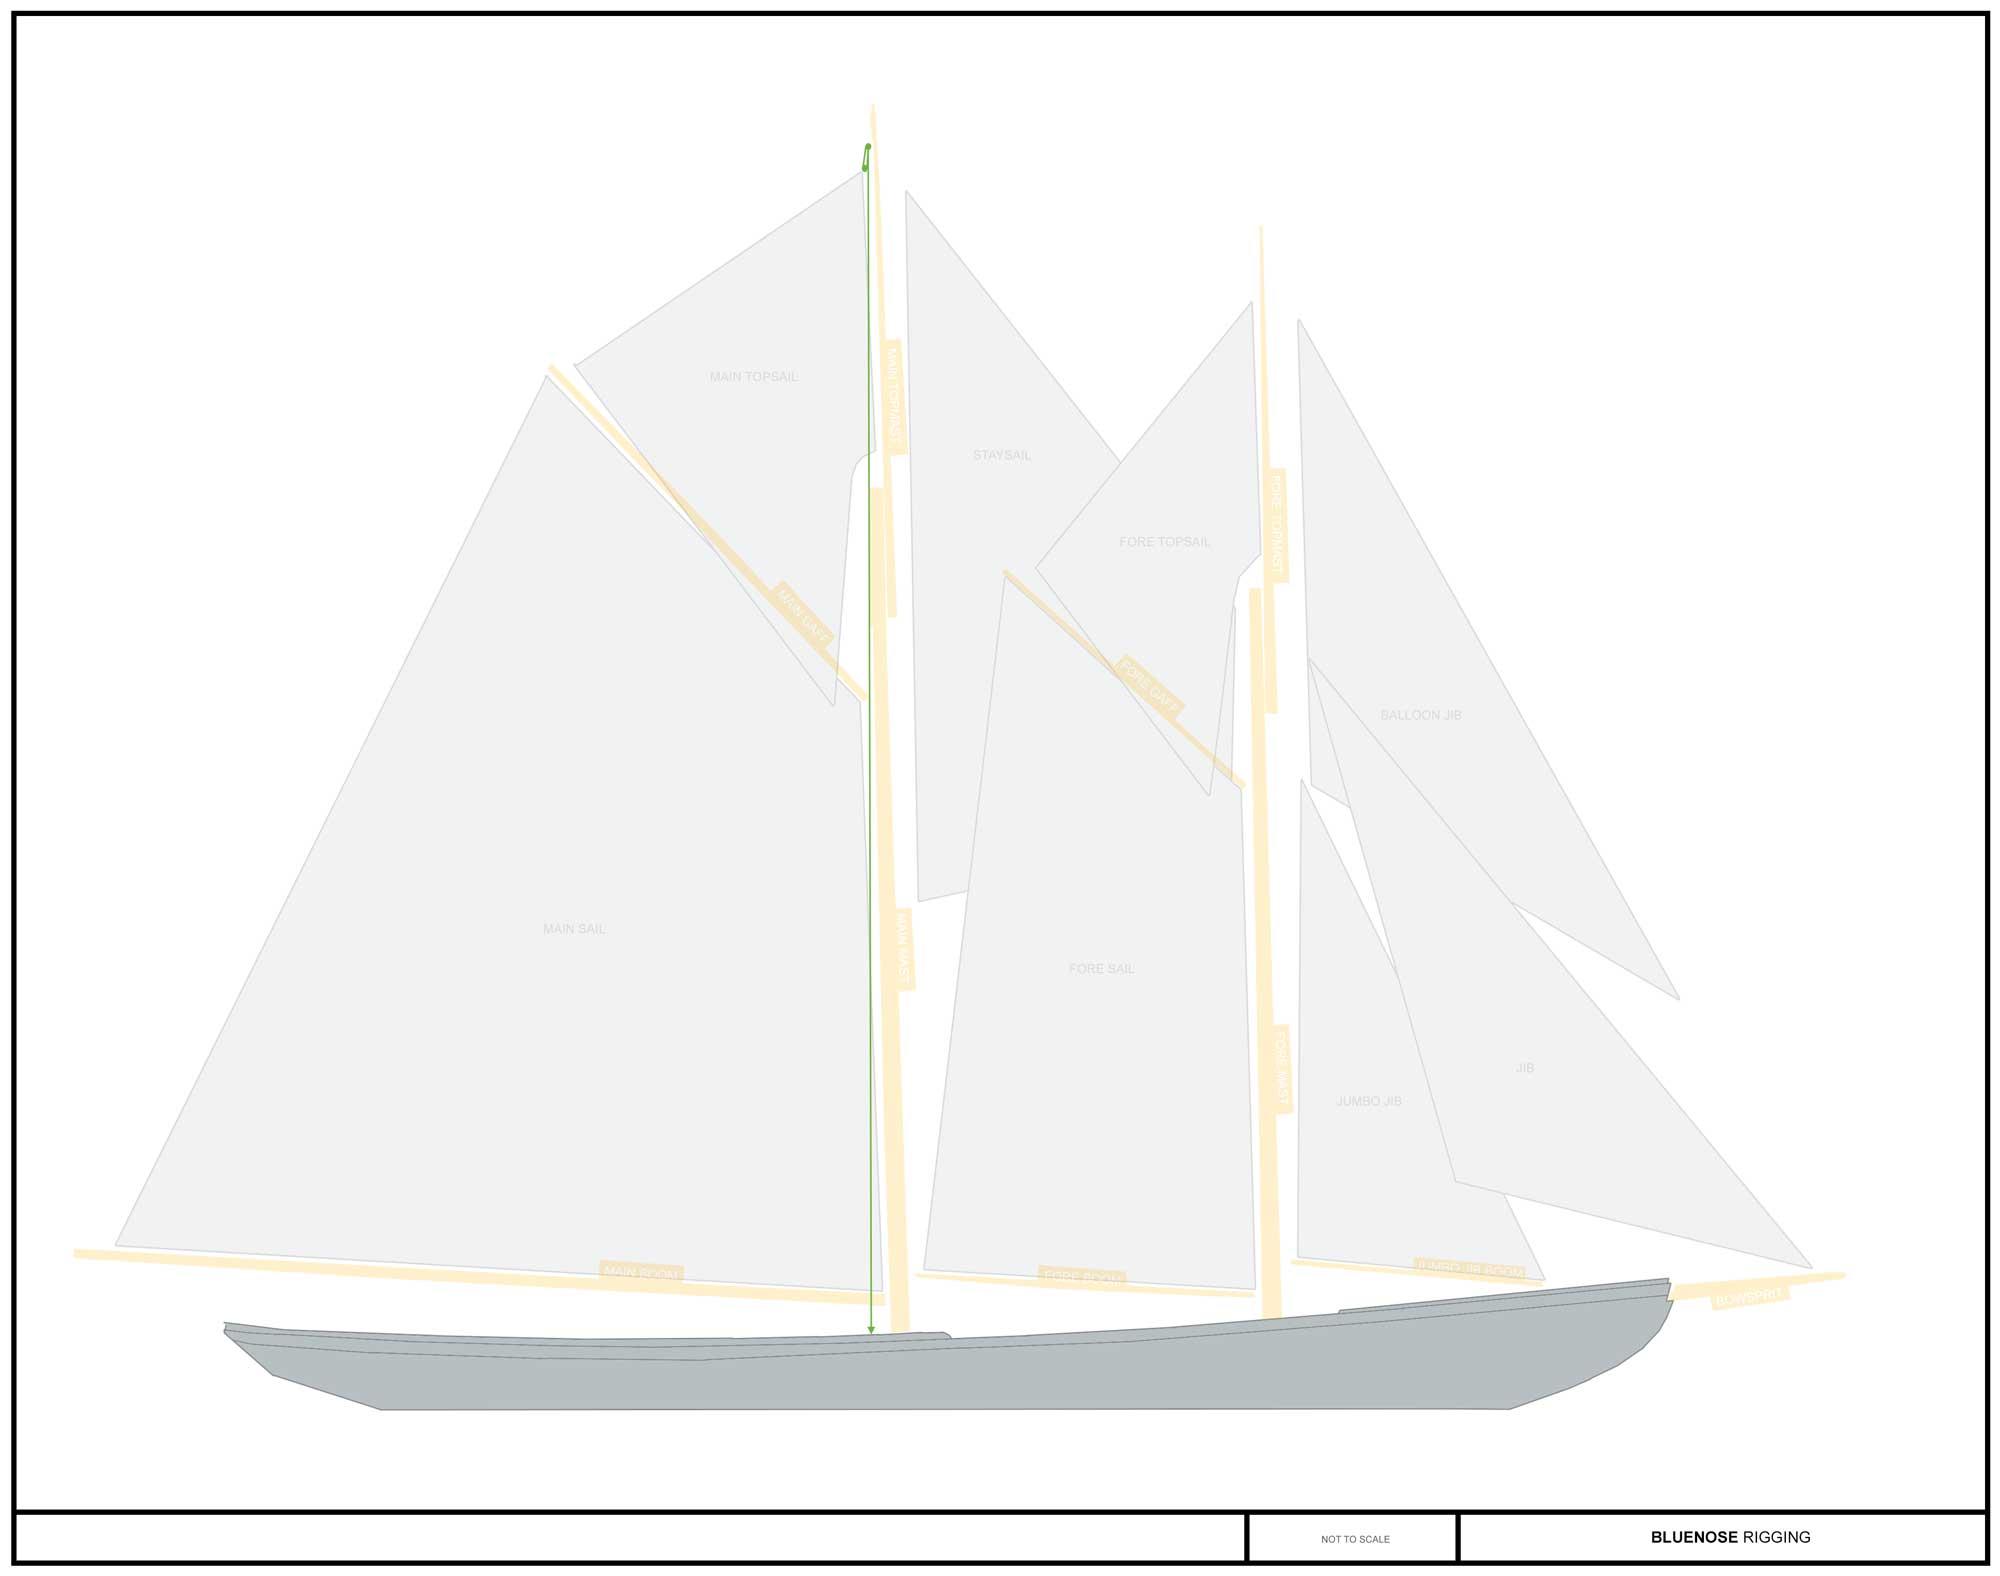 maintopsail-halliard